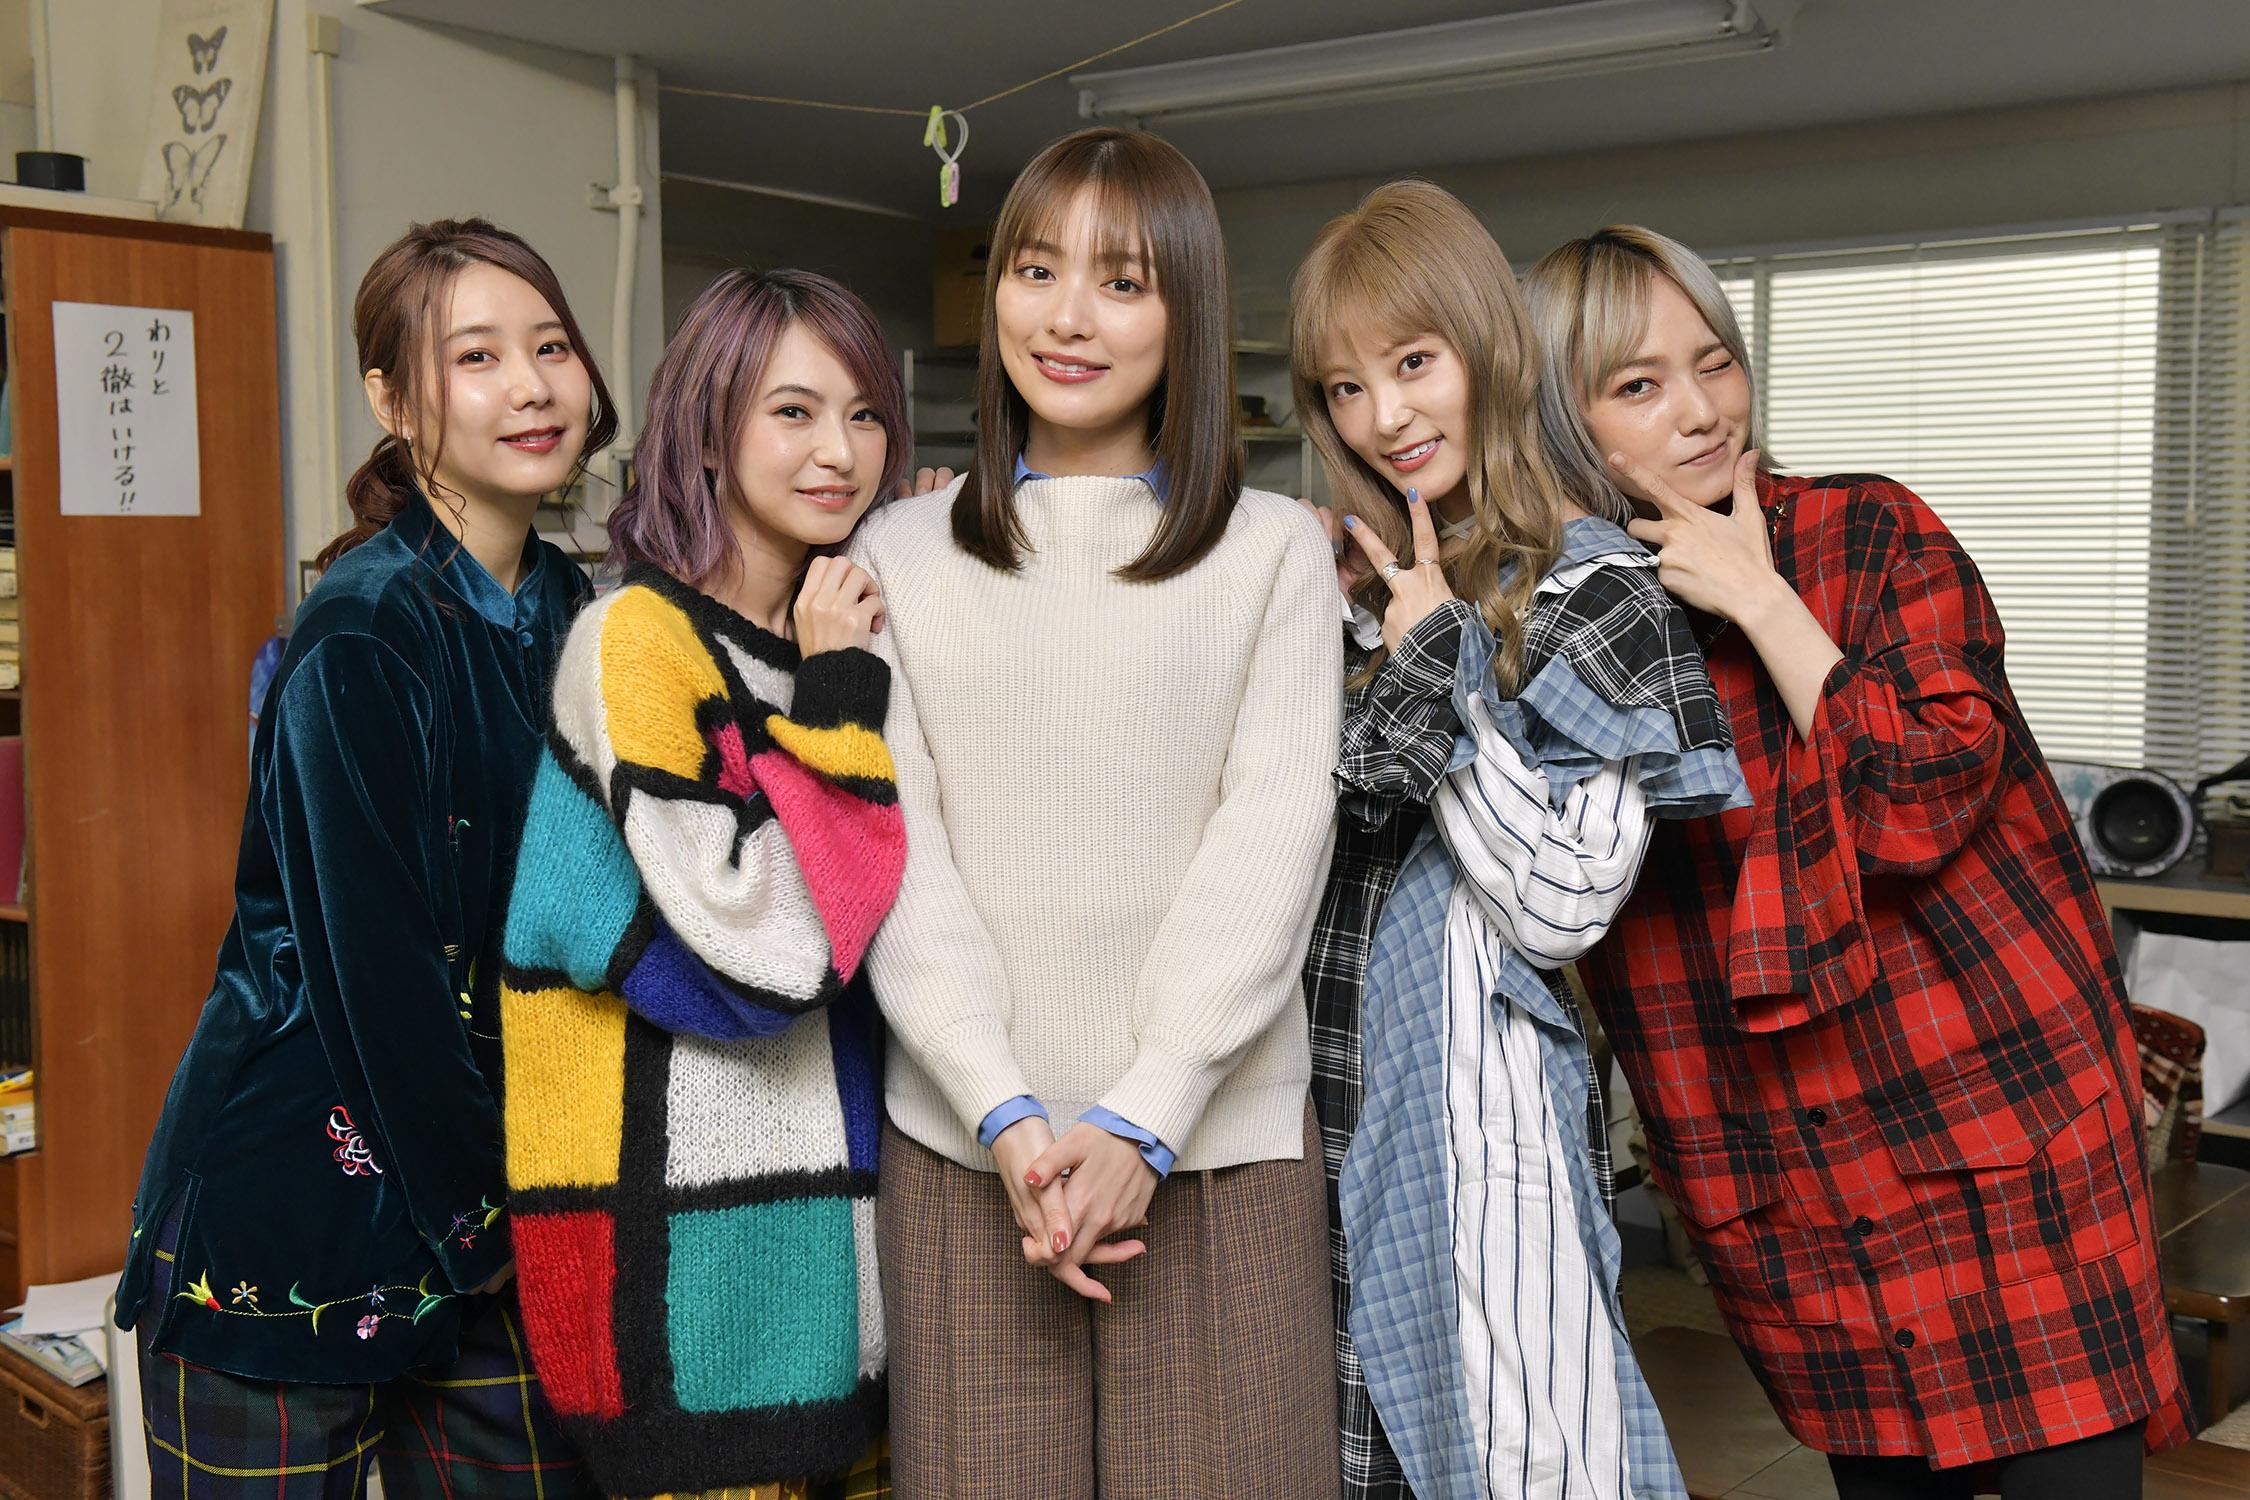 内田理央主演ドラマ『来世ではちゃんとします』の主題歌が、SCANDALの「Tonight」に決定!